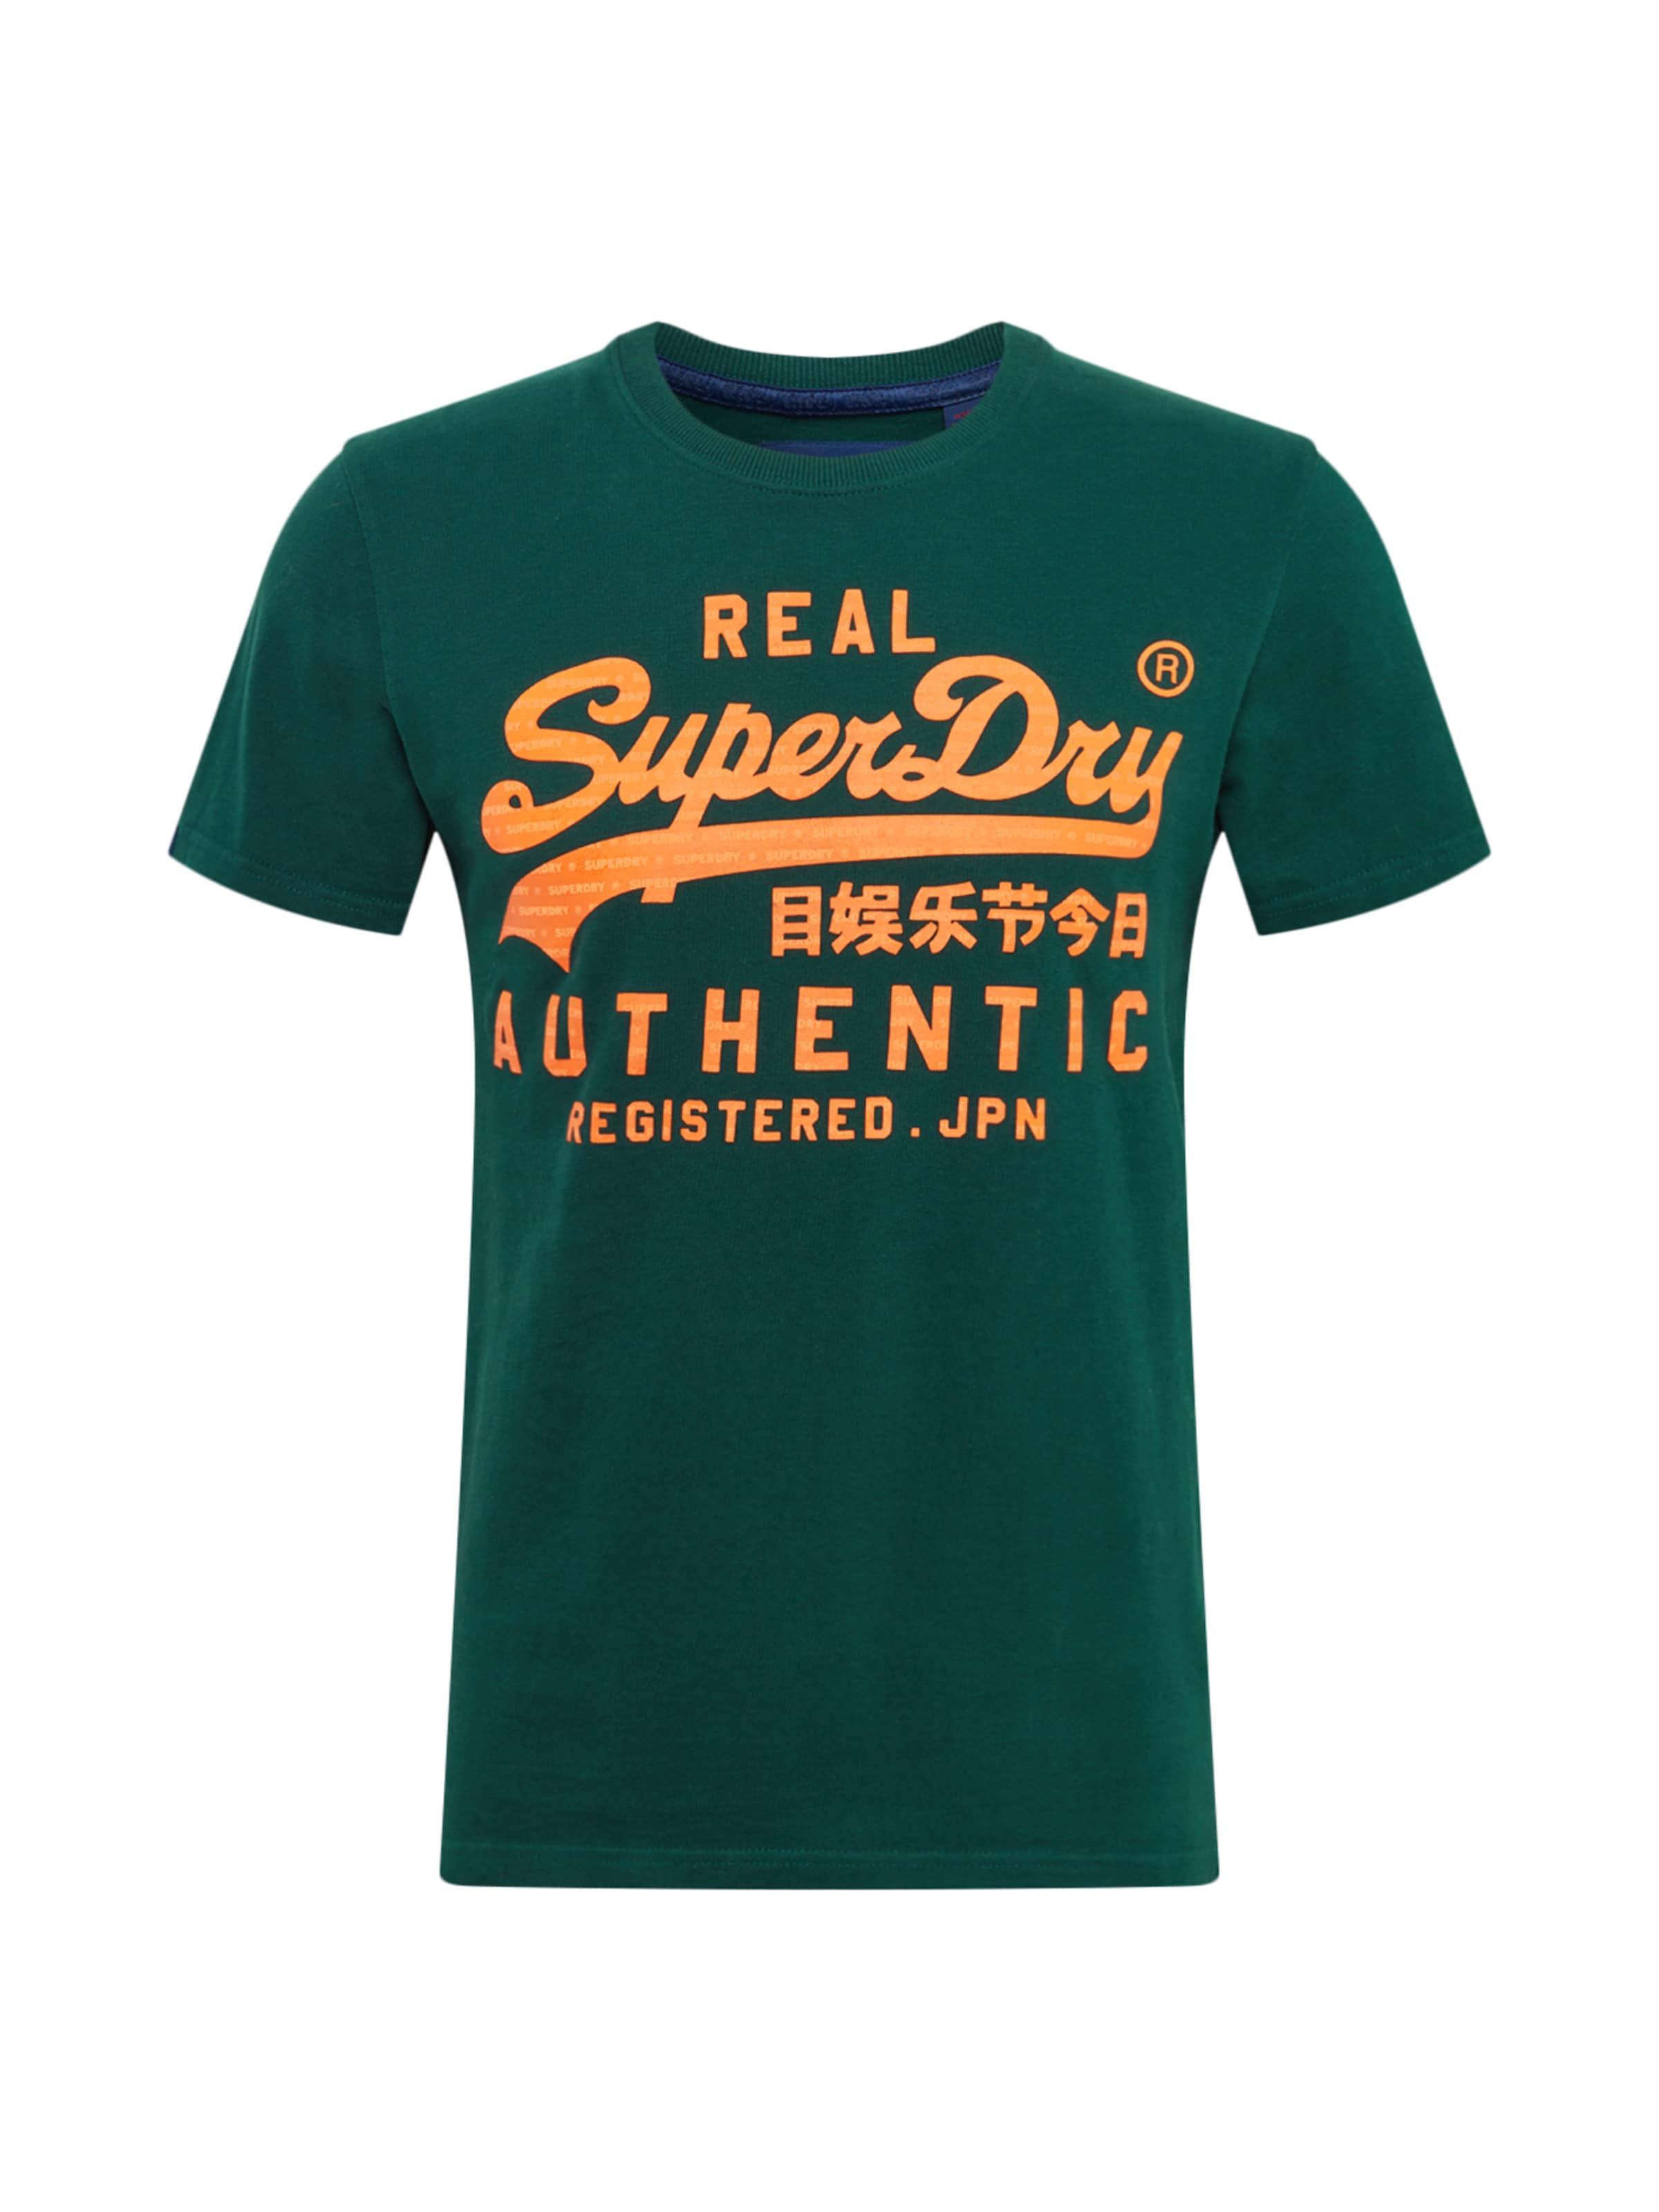 Authentic' En Superdry T 'vintage JauneSapin shirt rdCBtosxhQ